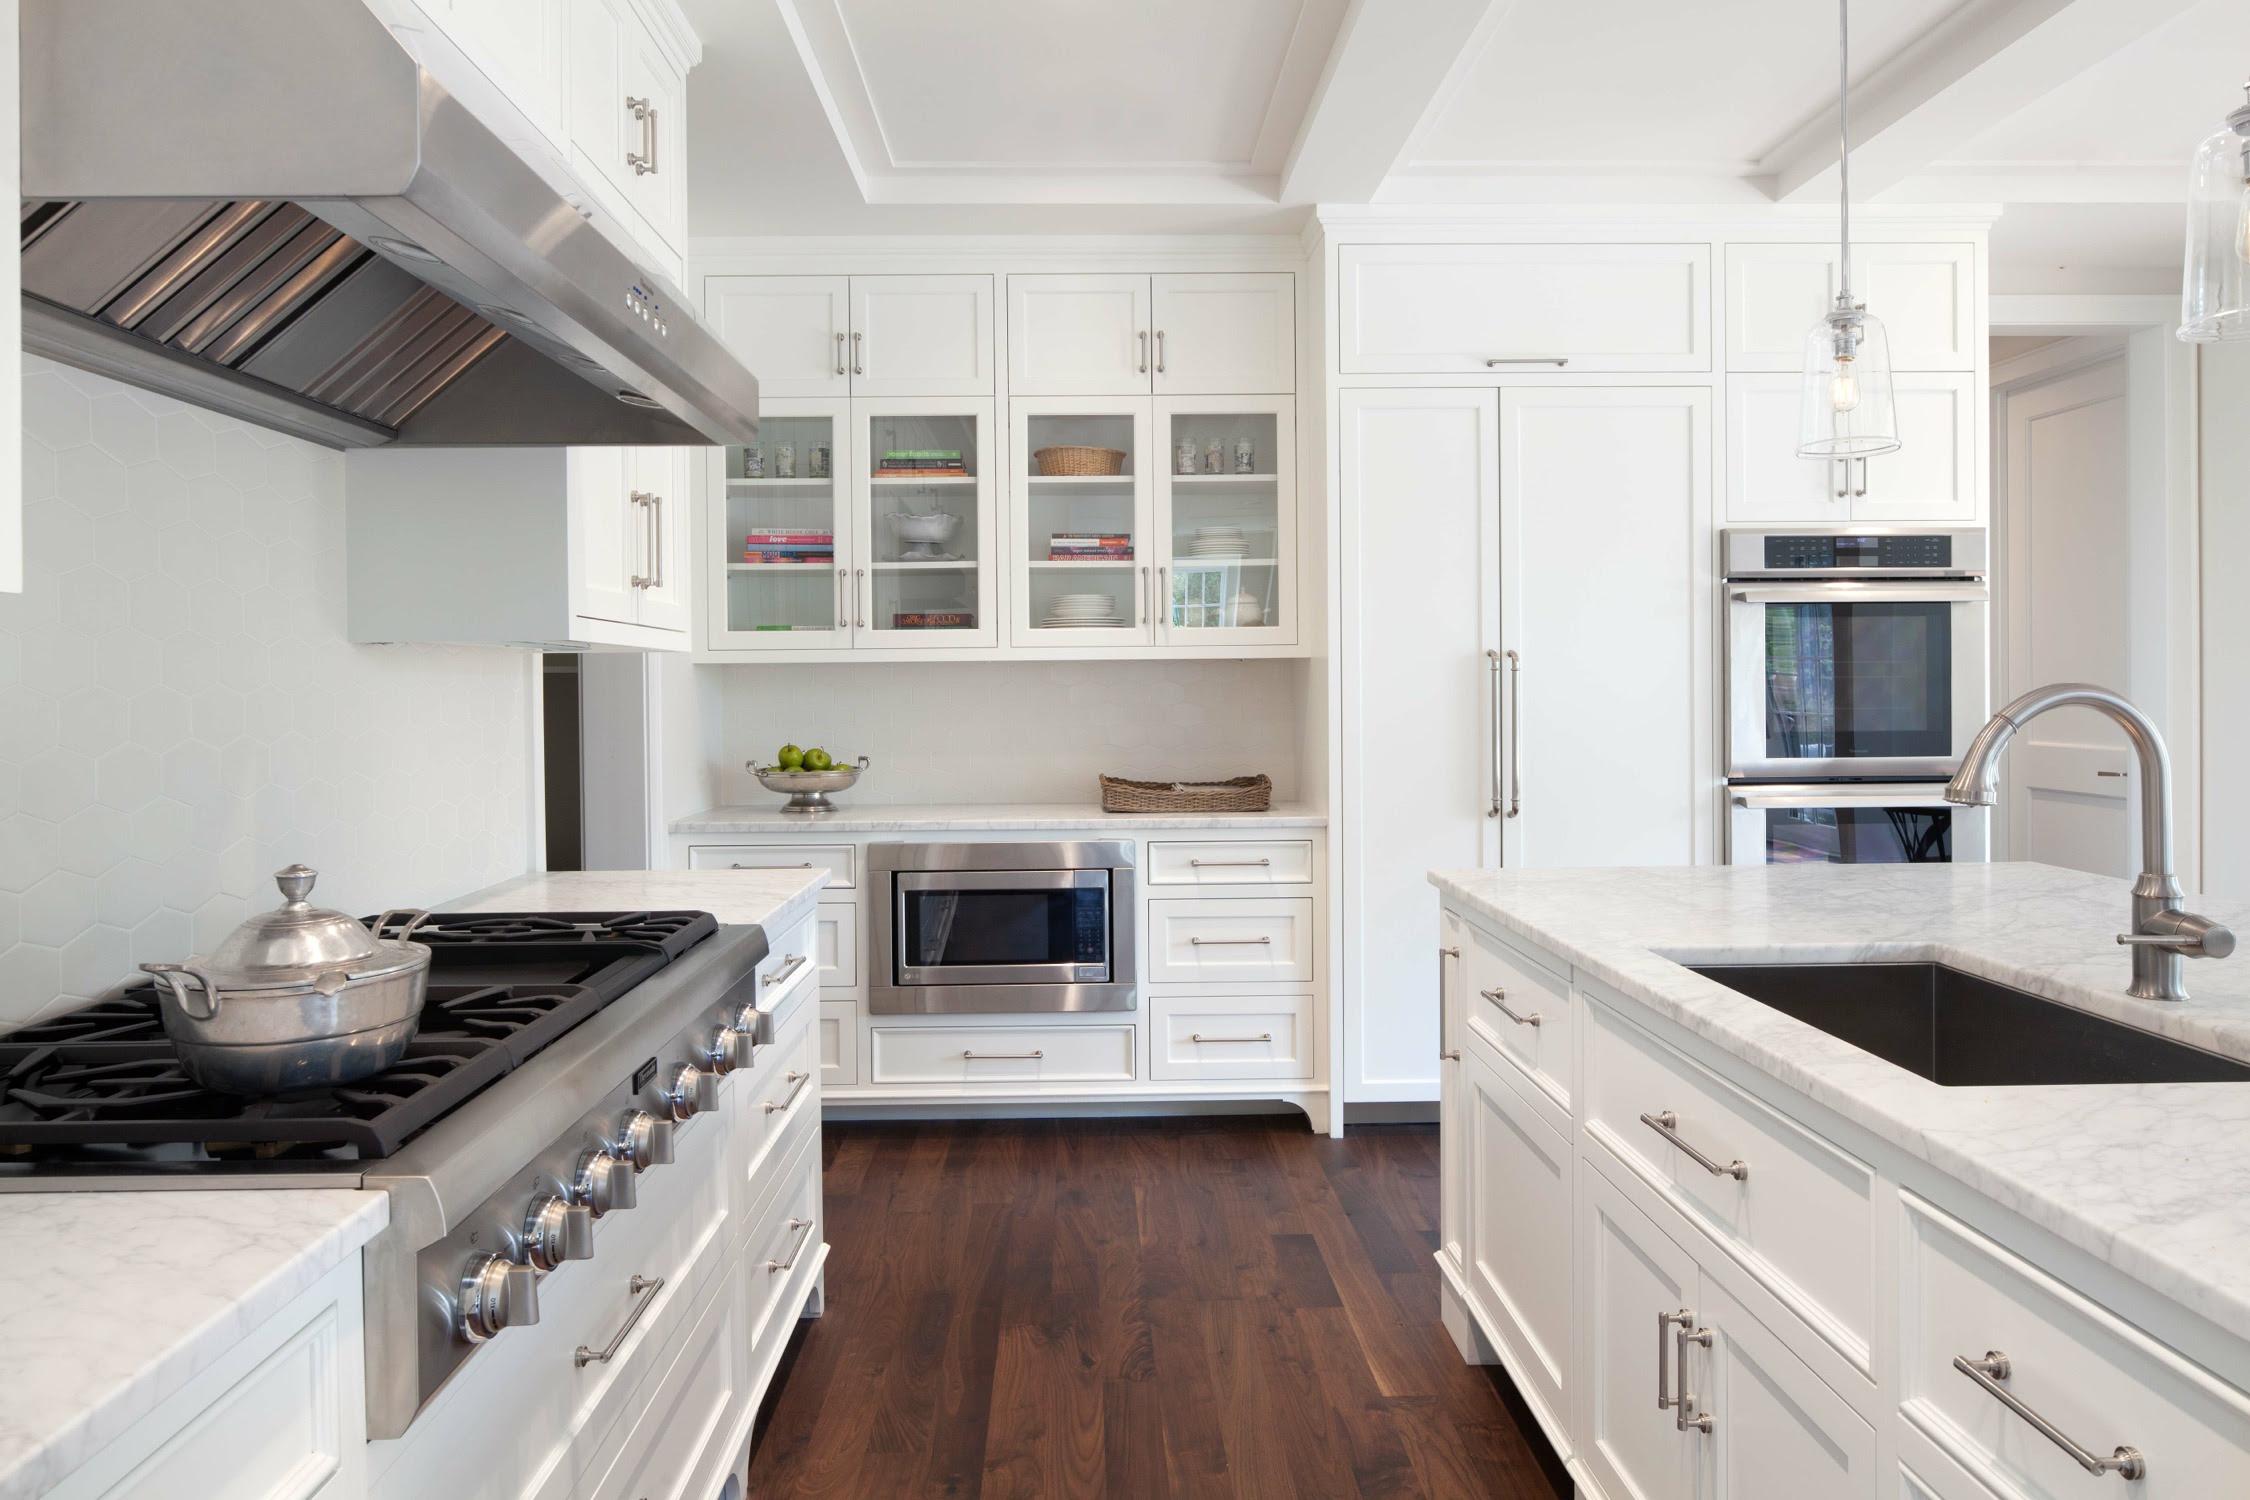 10 Hiasan Dalaman Dapur Ala Inggeris Terbaik Sebagai Inspirasi